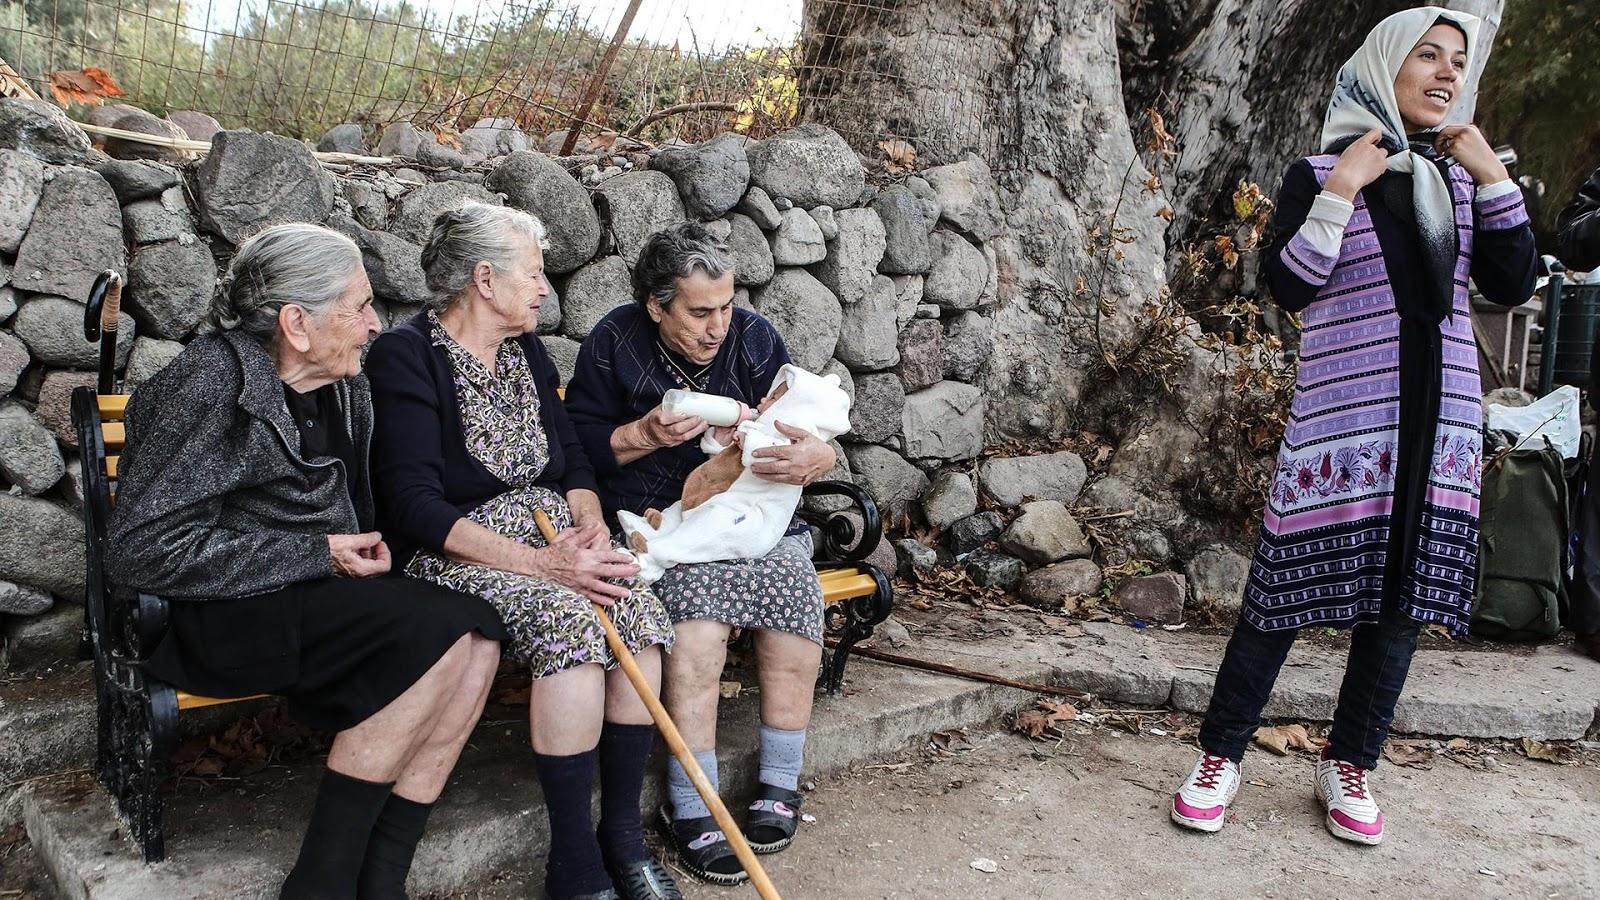 Καμπάνια για να δοθεί Νόμπελ Ειρήνης στους φιλόξενους Έλληνες νησιώτες